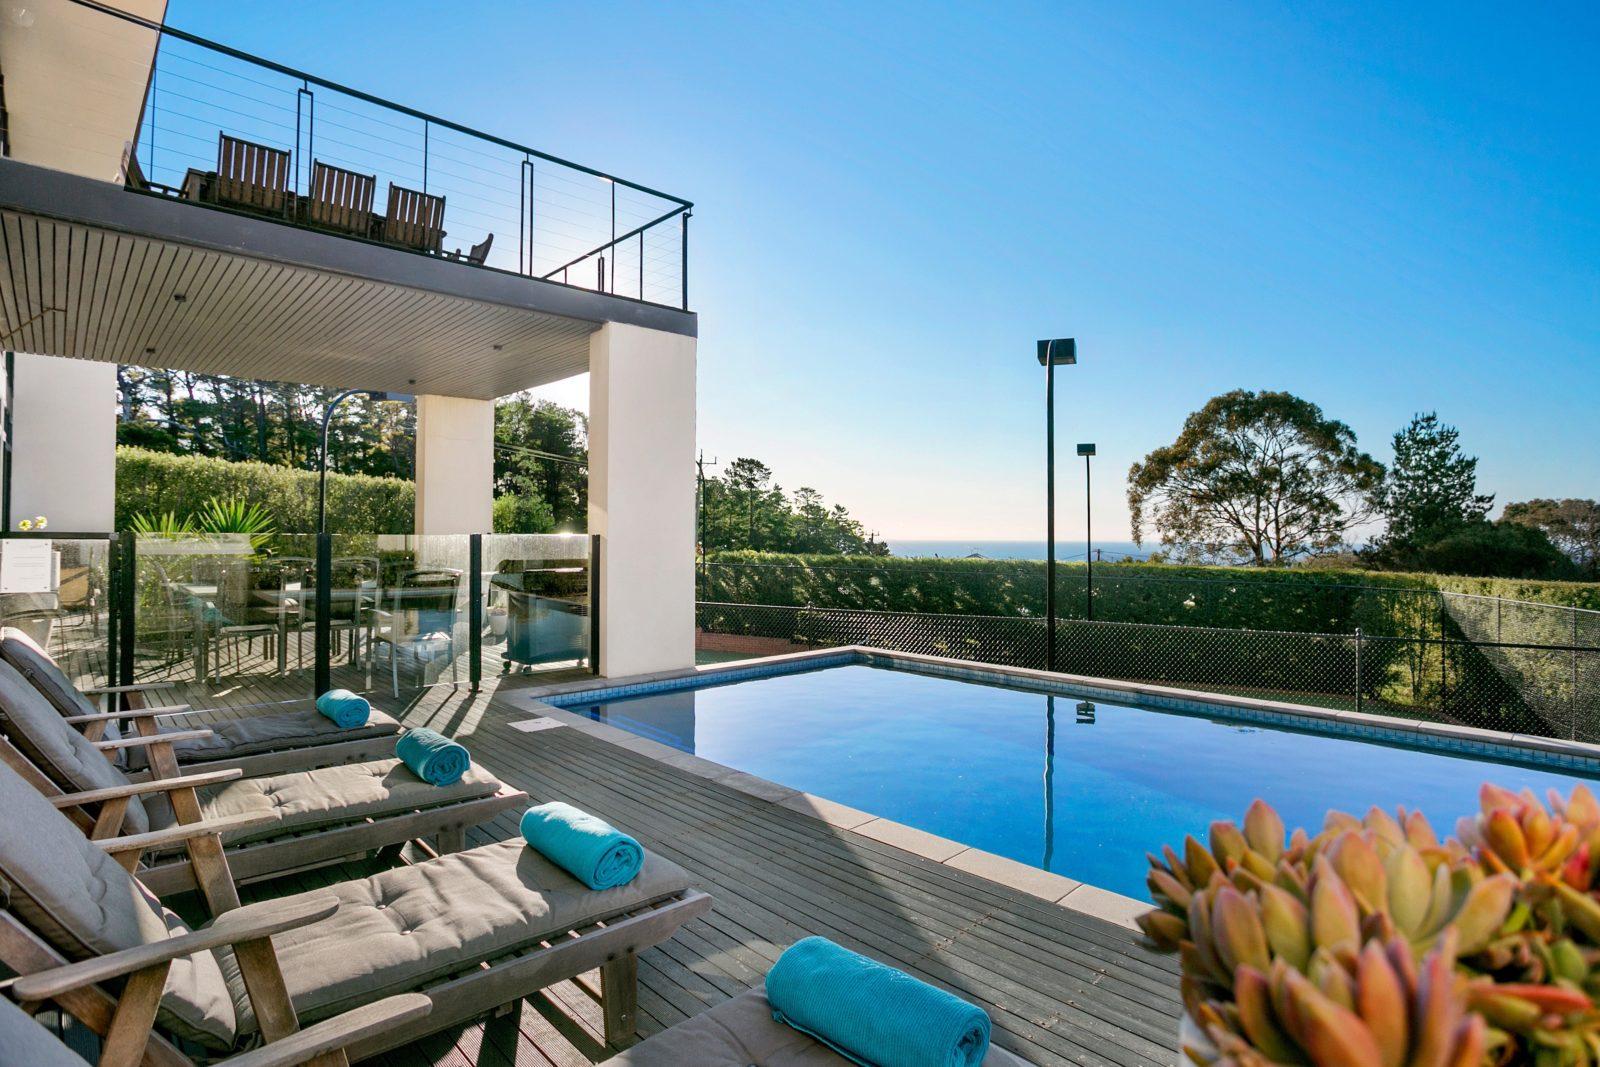 Holiday Shacks Luxury Accommodation